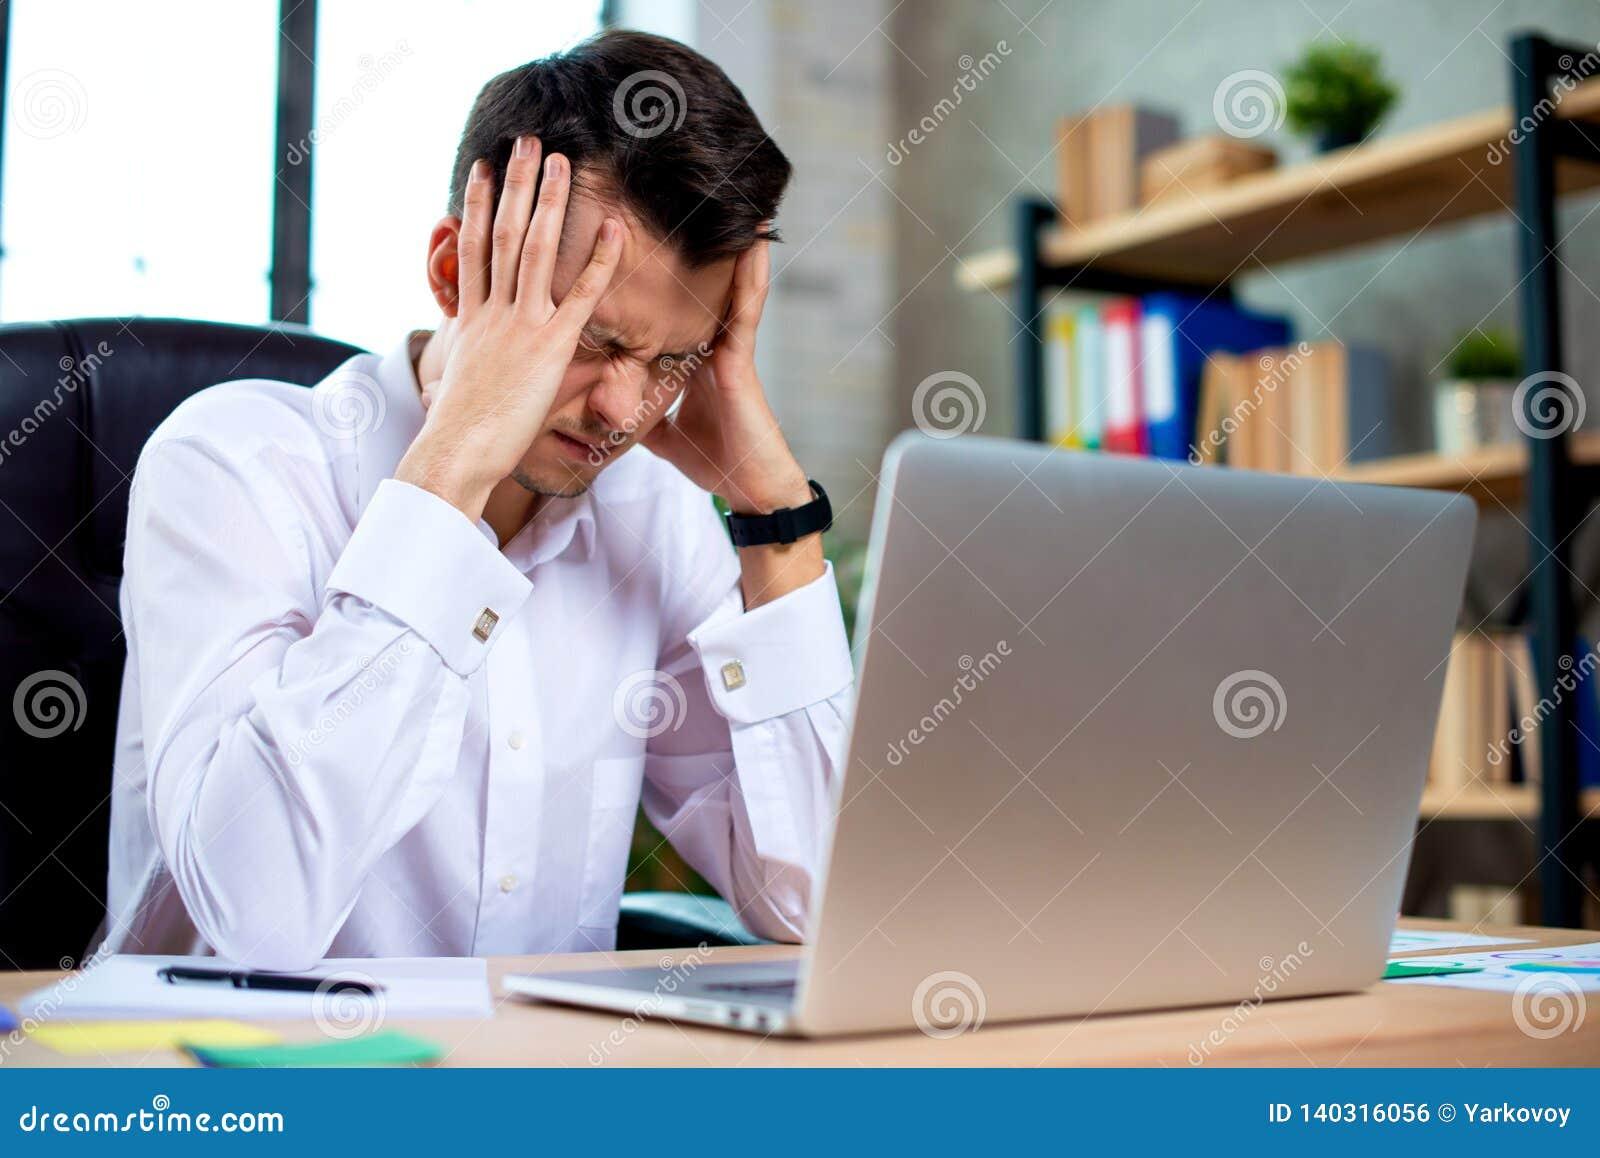 O homem de negócios novo forçado chocado por más notícias usando o portátil no trabalho, acionista falido desesperado perdeu o di